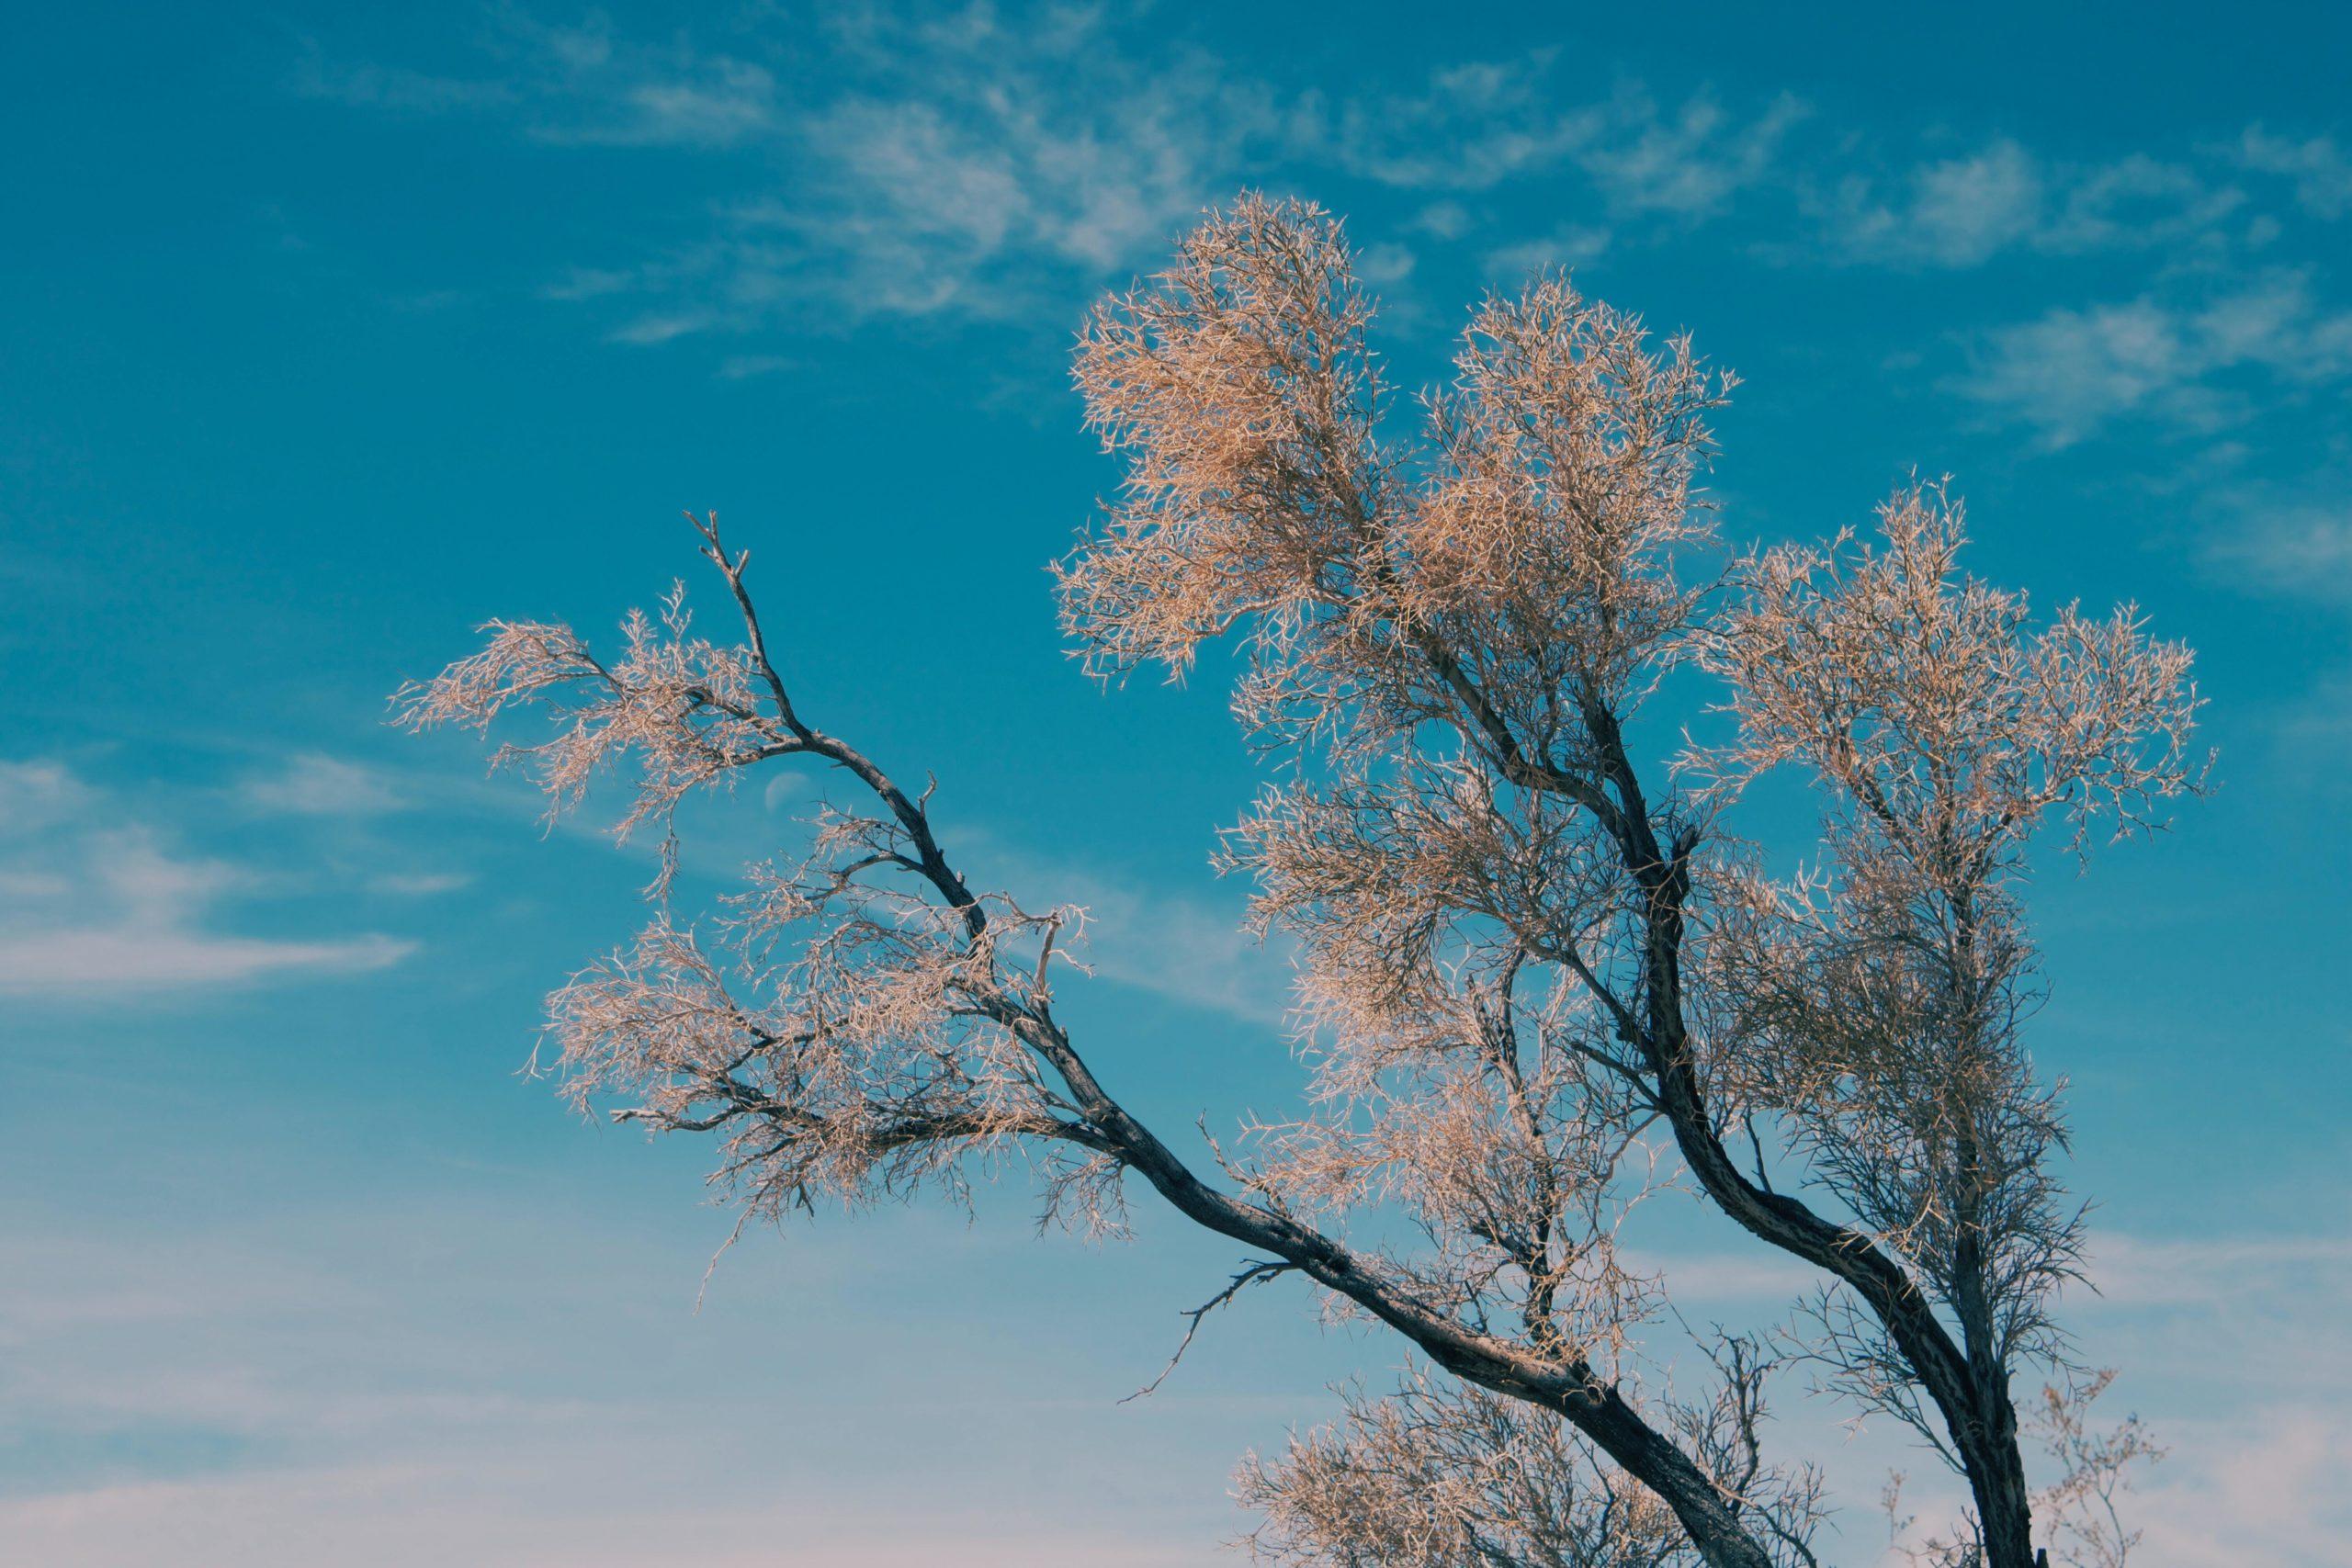 Puu ja sininen taivas